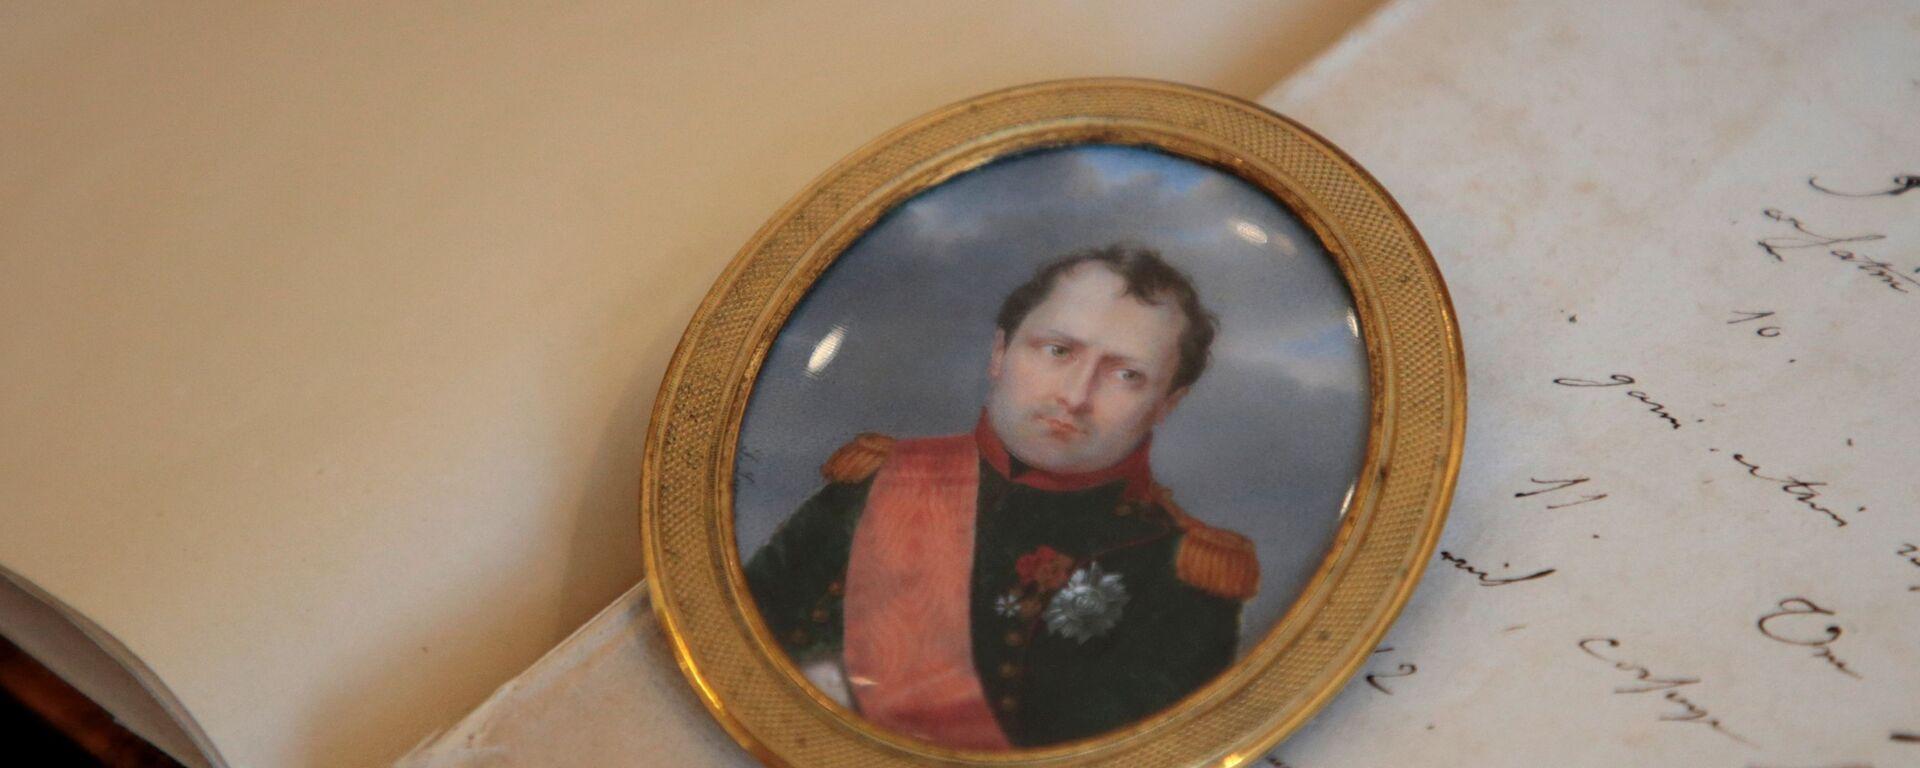 Portret Napoleona Bonaparte - Sputnik Srbija, 1920, 01.05.2021